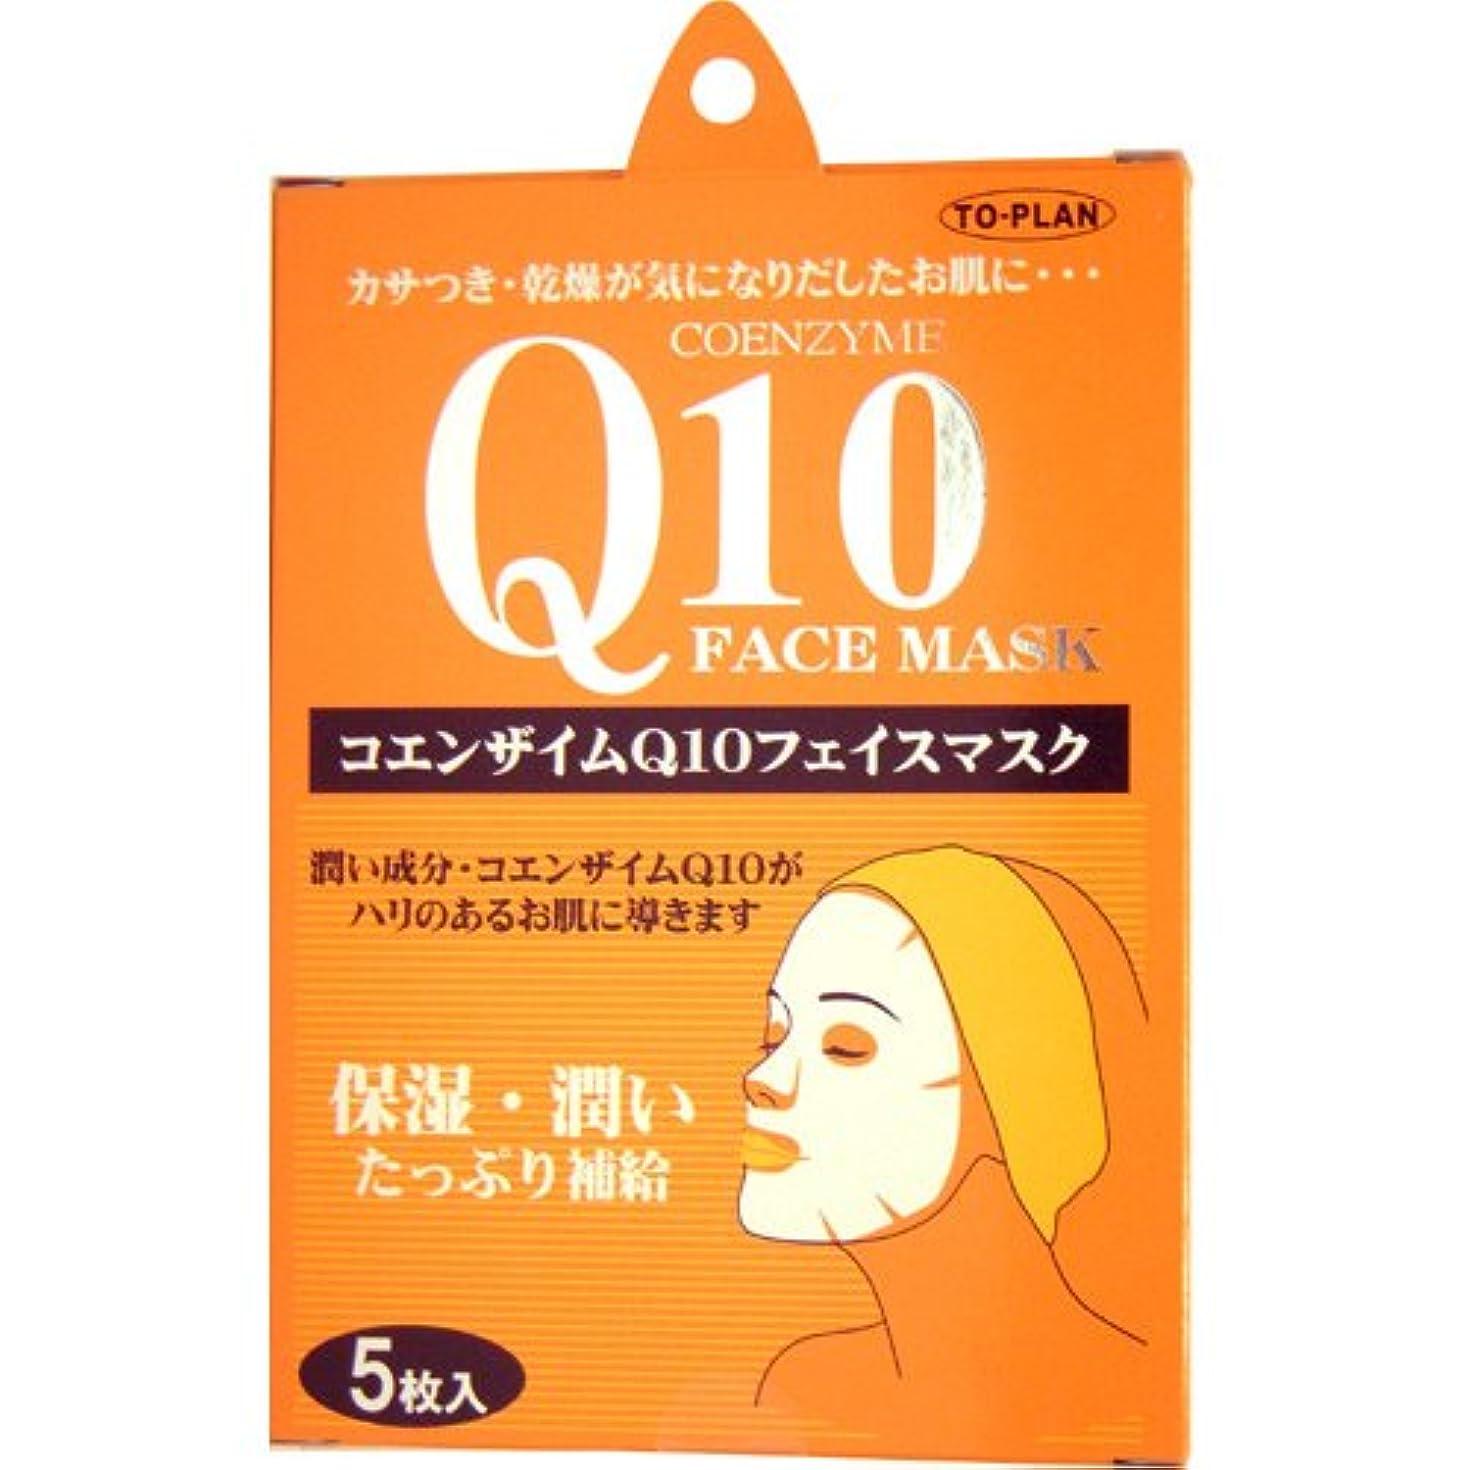 塗抹演劇ネックレスTO-PLAN(トプラン) コエンザイムQ10フェイスマスク10枚入